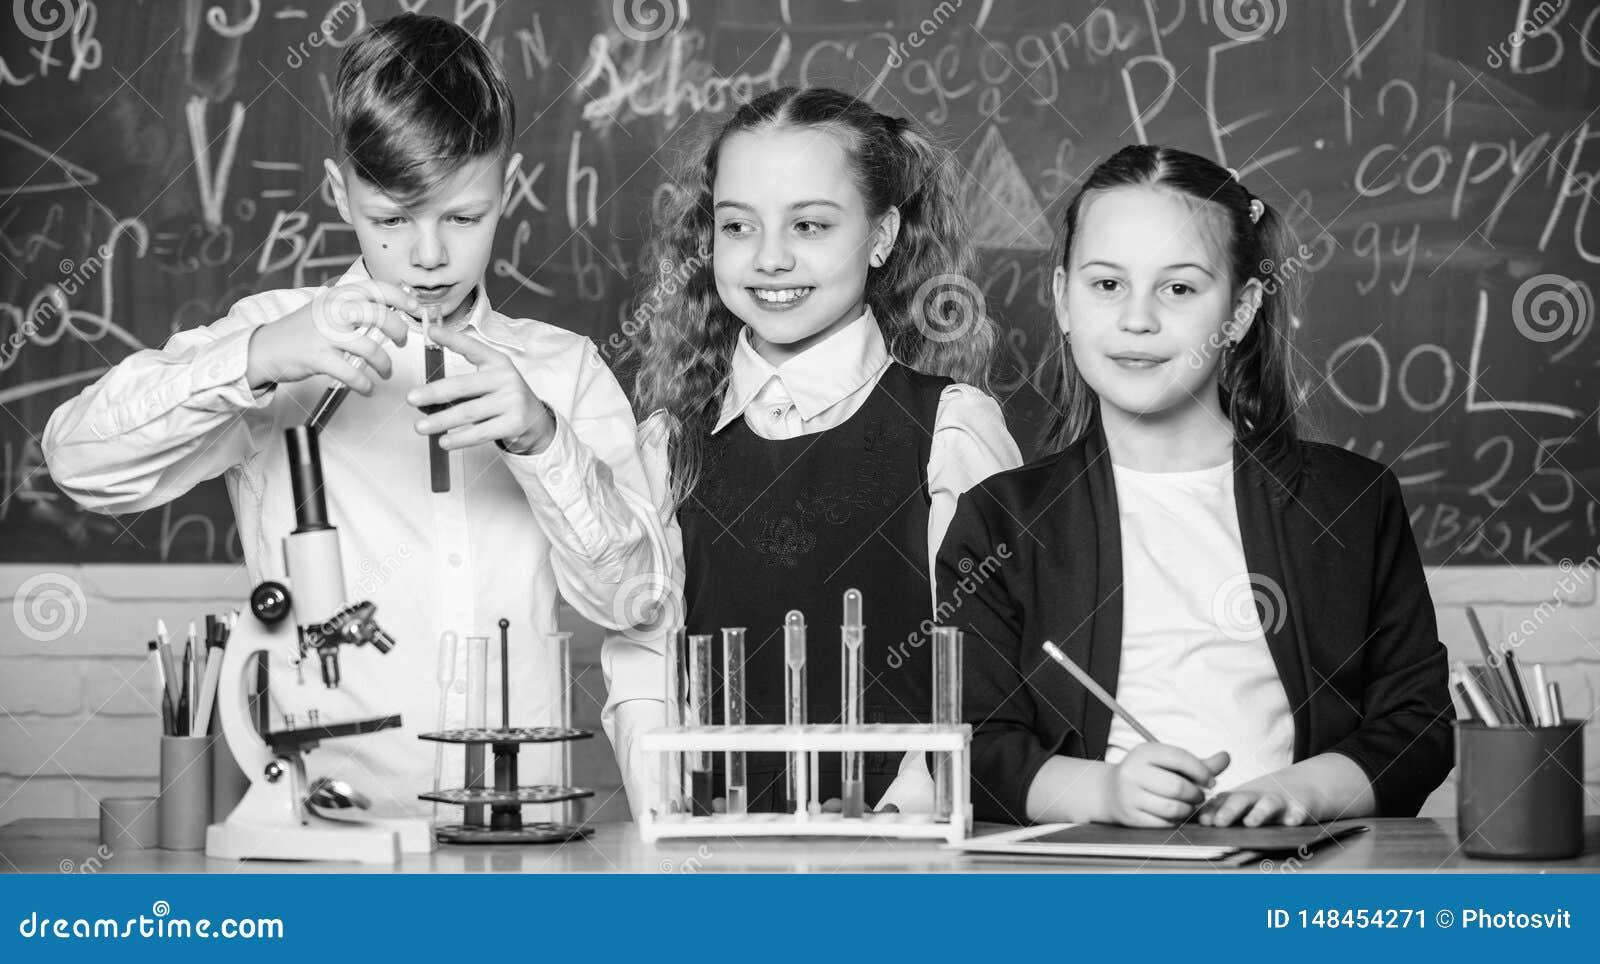 Chemiczna reakcja zdarza si? w nowe substancje gdy substancji zmiana Ucze? nauki chemia w szkole Chemiczna substancja